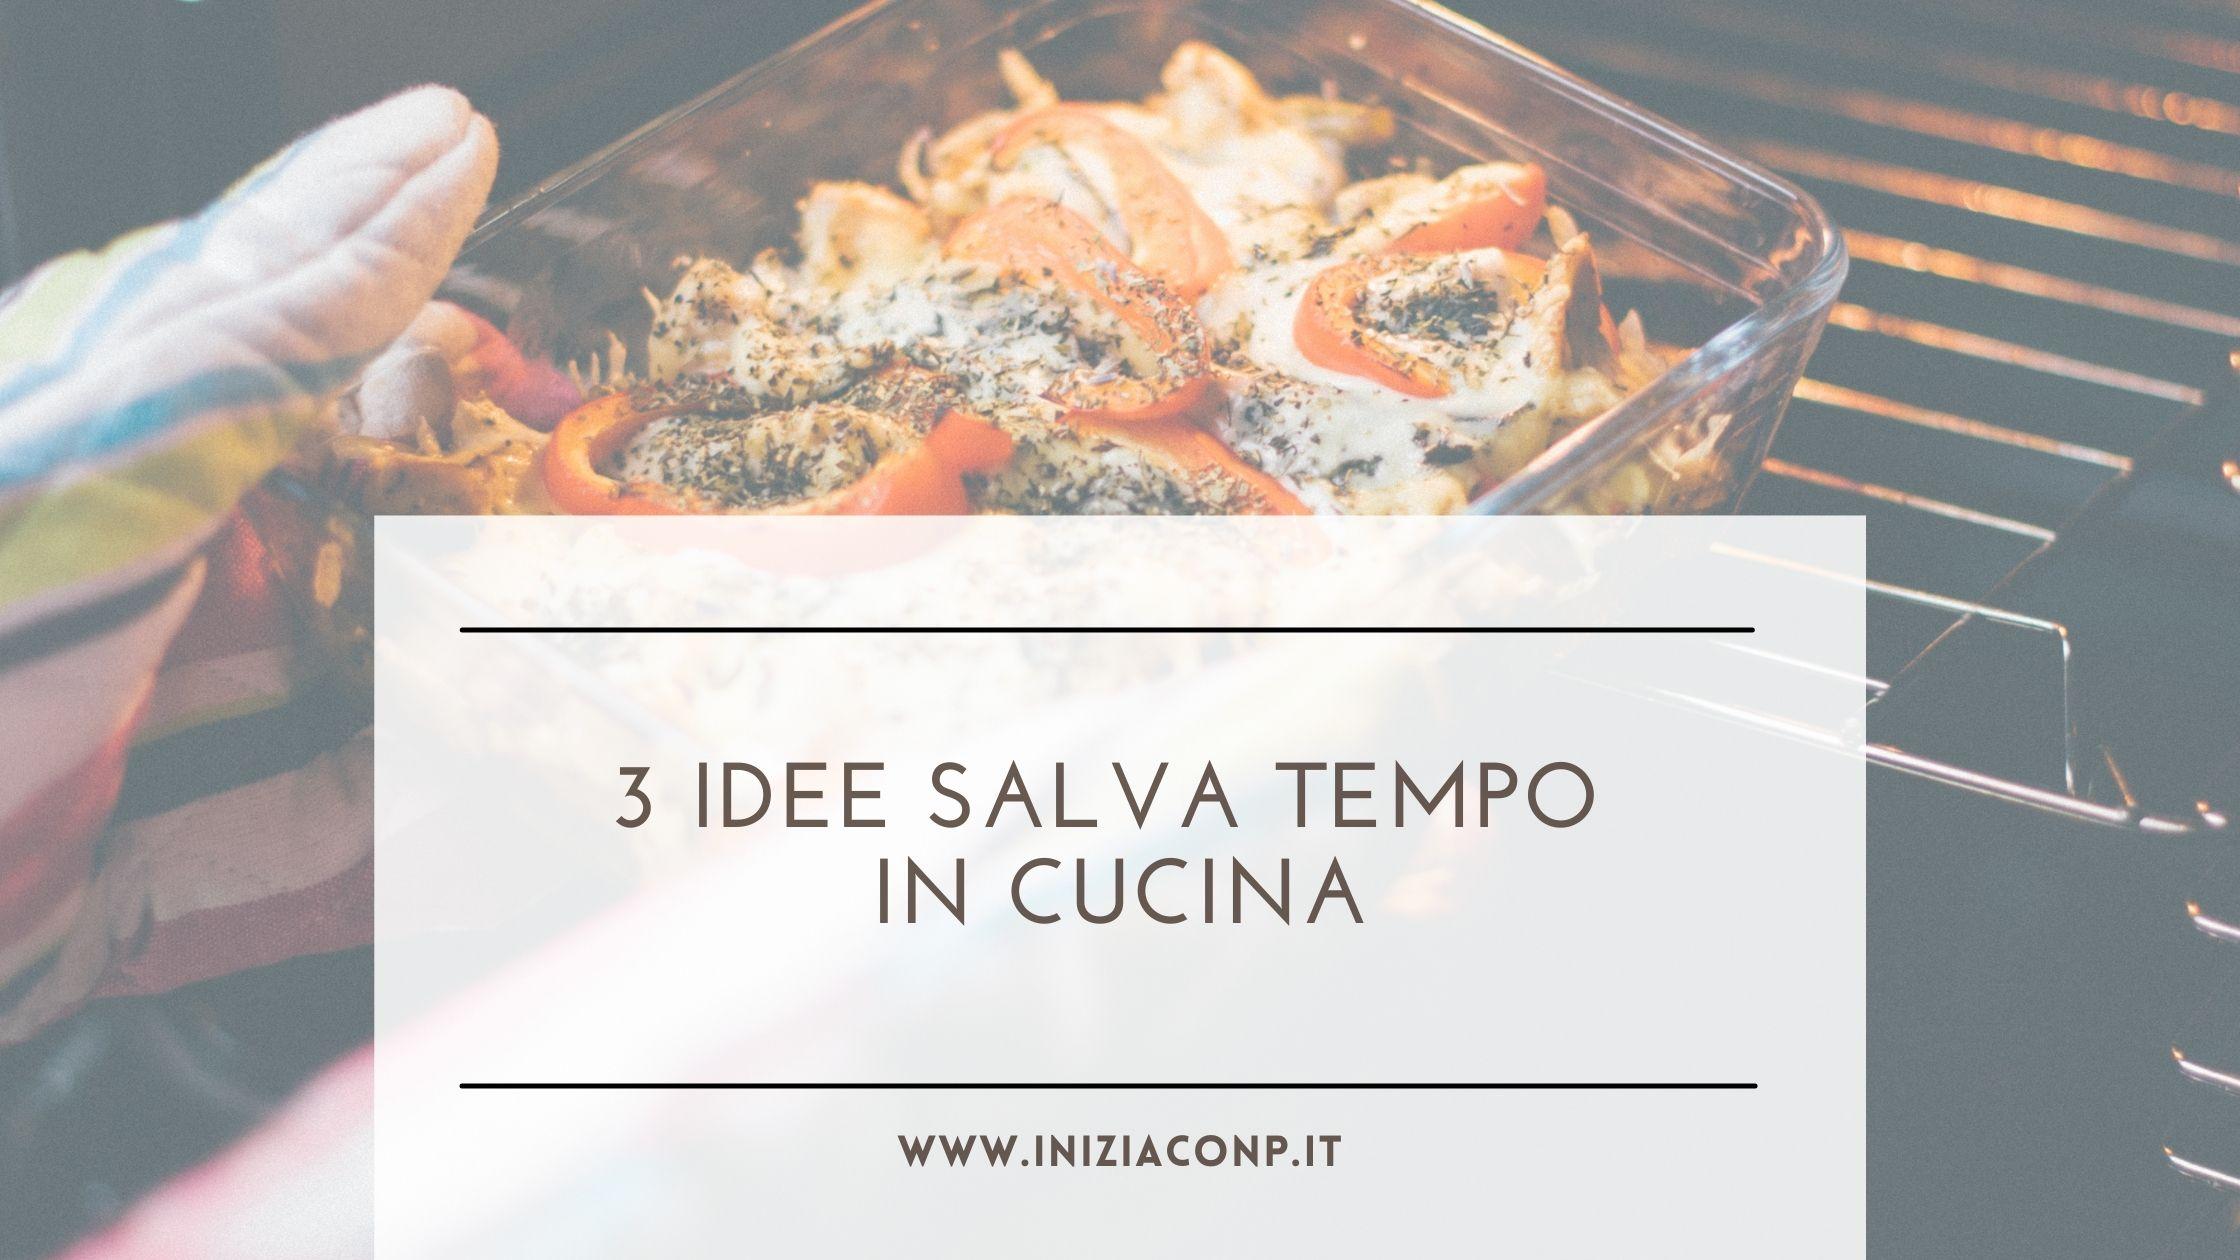 3 idee salva tempo in cucina